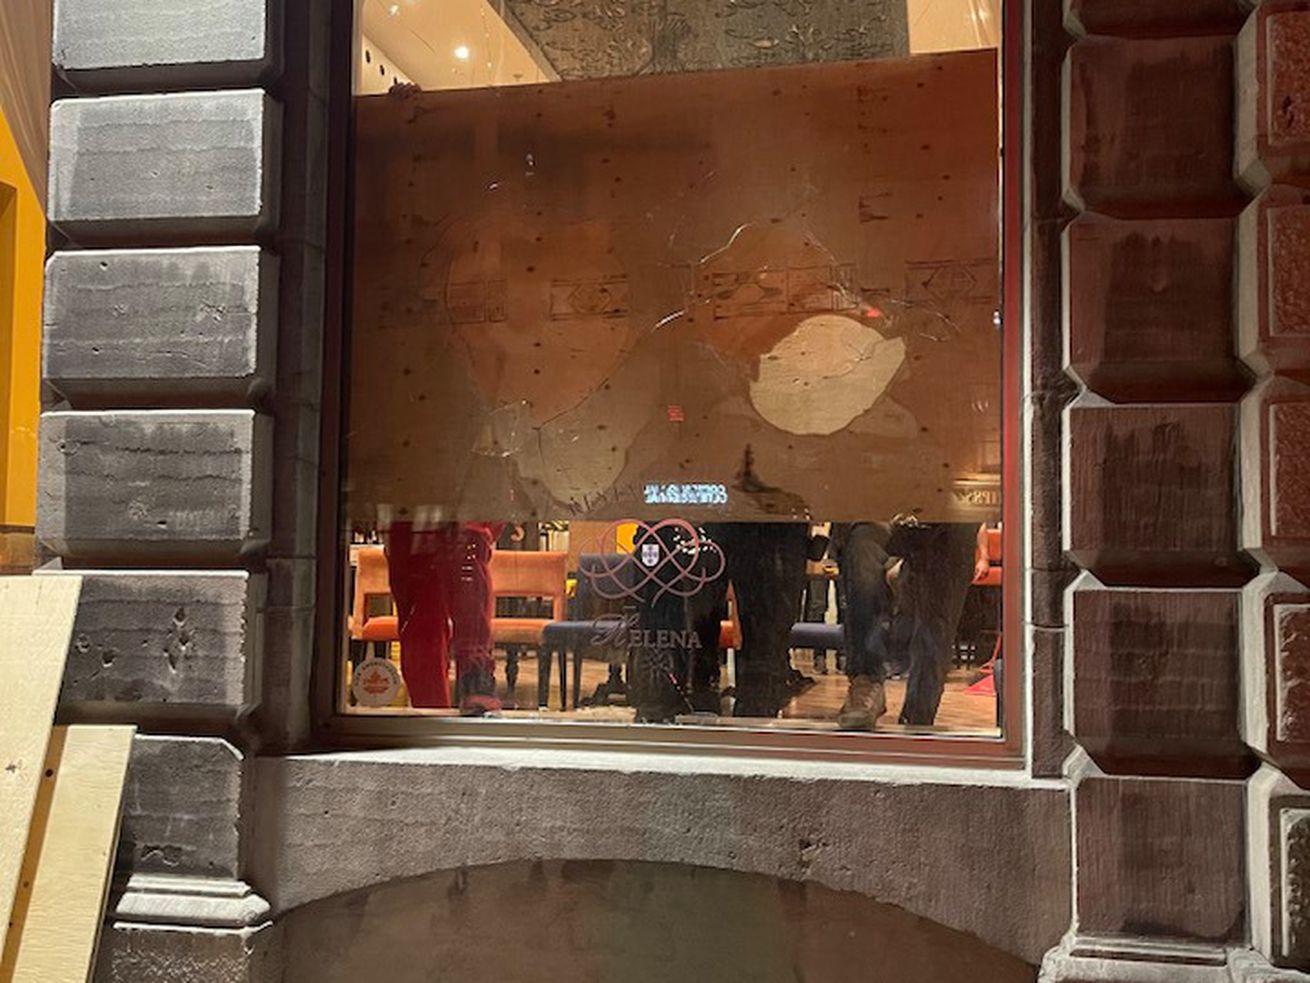 restaurant with broken window